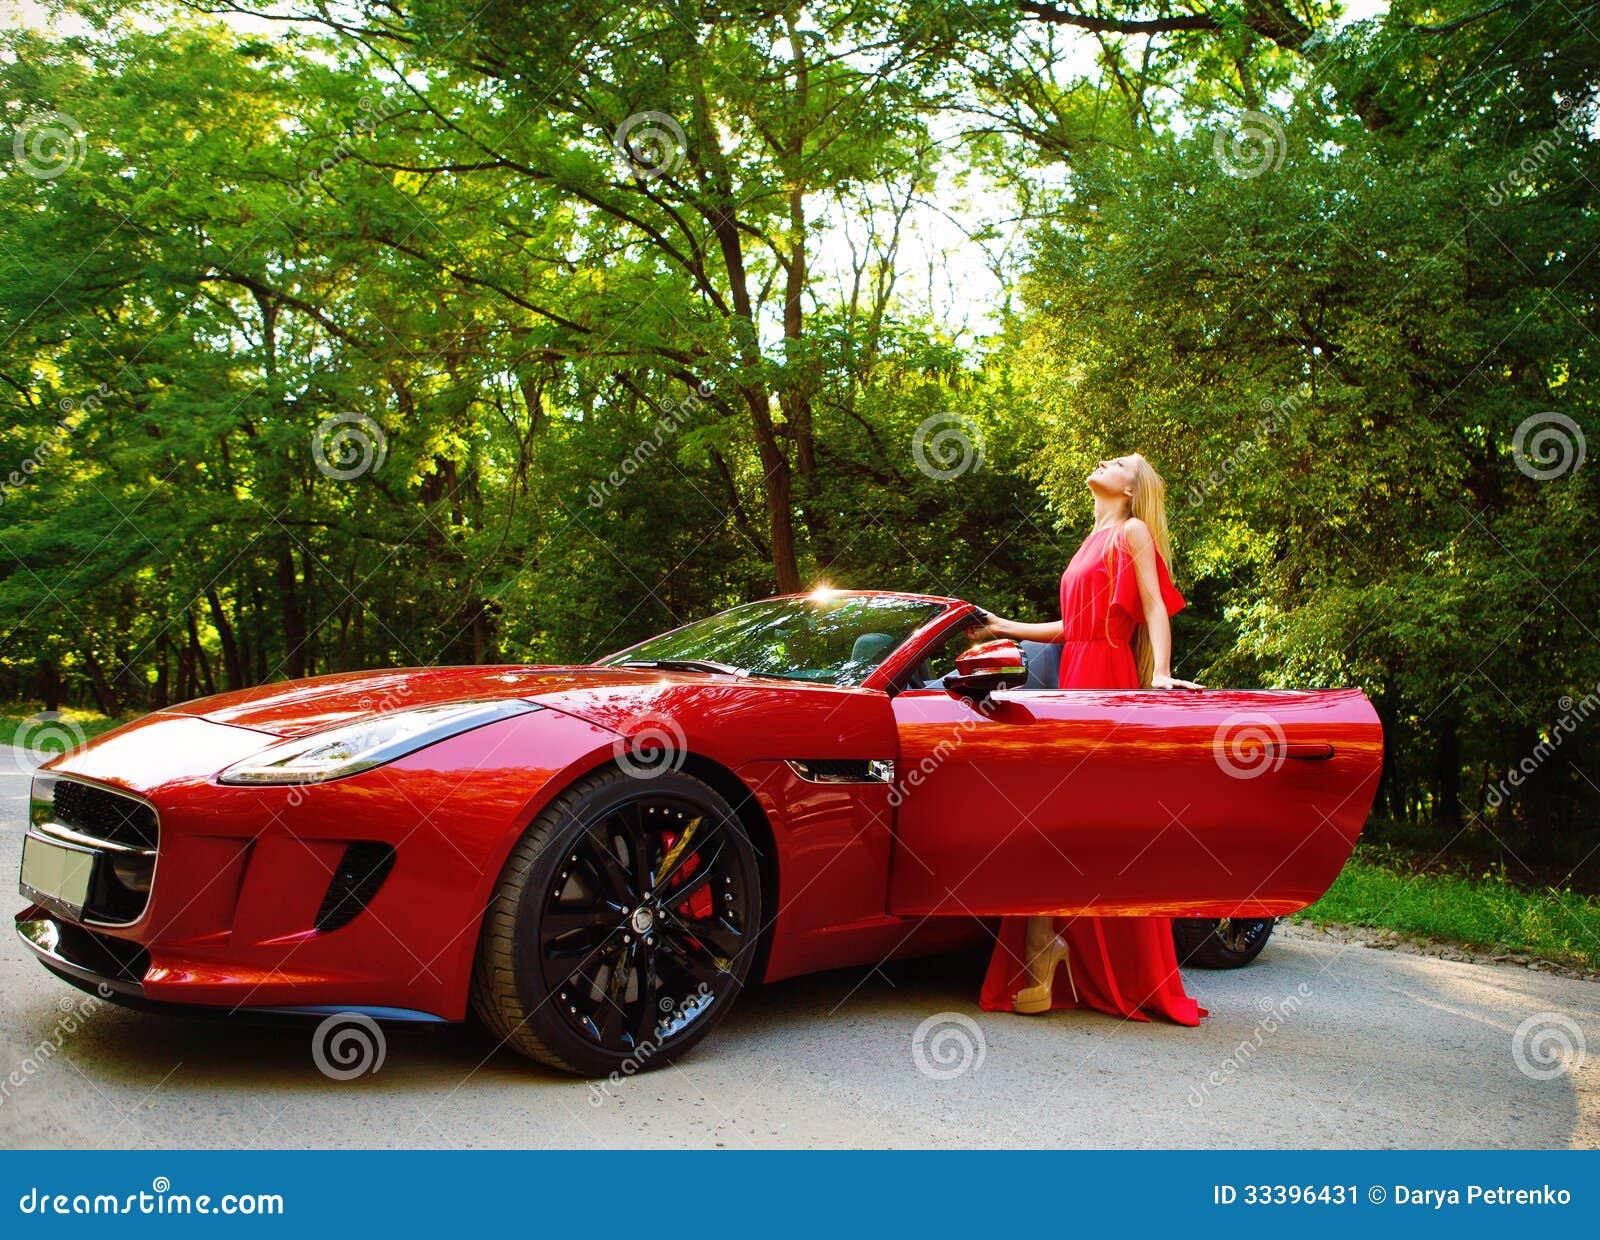 belle jeune femme blonde se tenant pr s d une voiture de sport. Black Bedroom Furniture Sets. Home Design Ideas